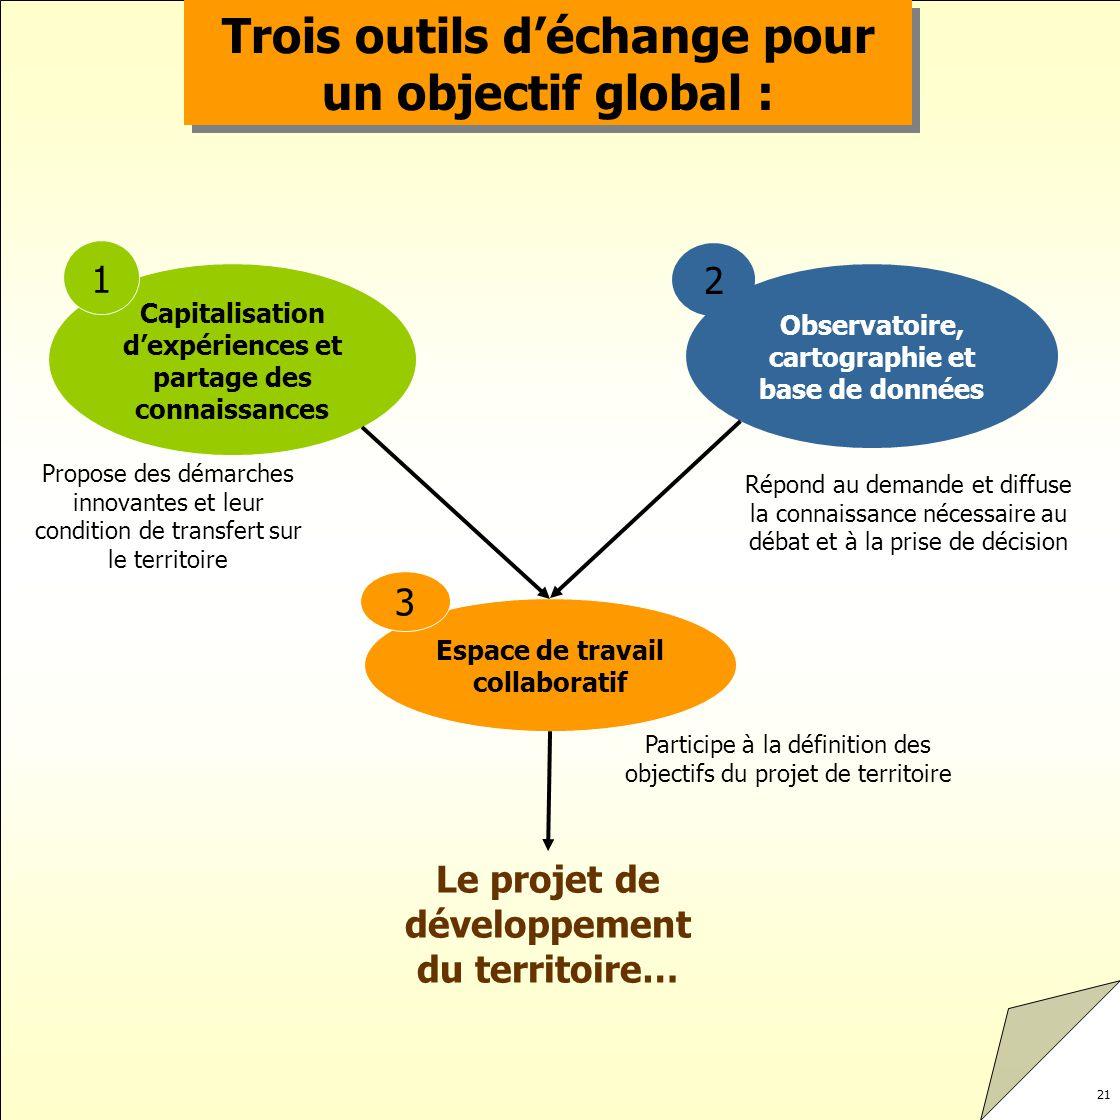 Trois outils d'échange pour un objectif global :